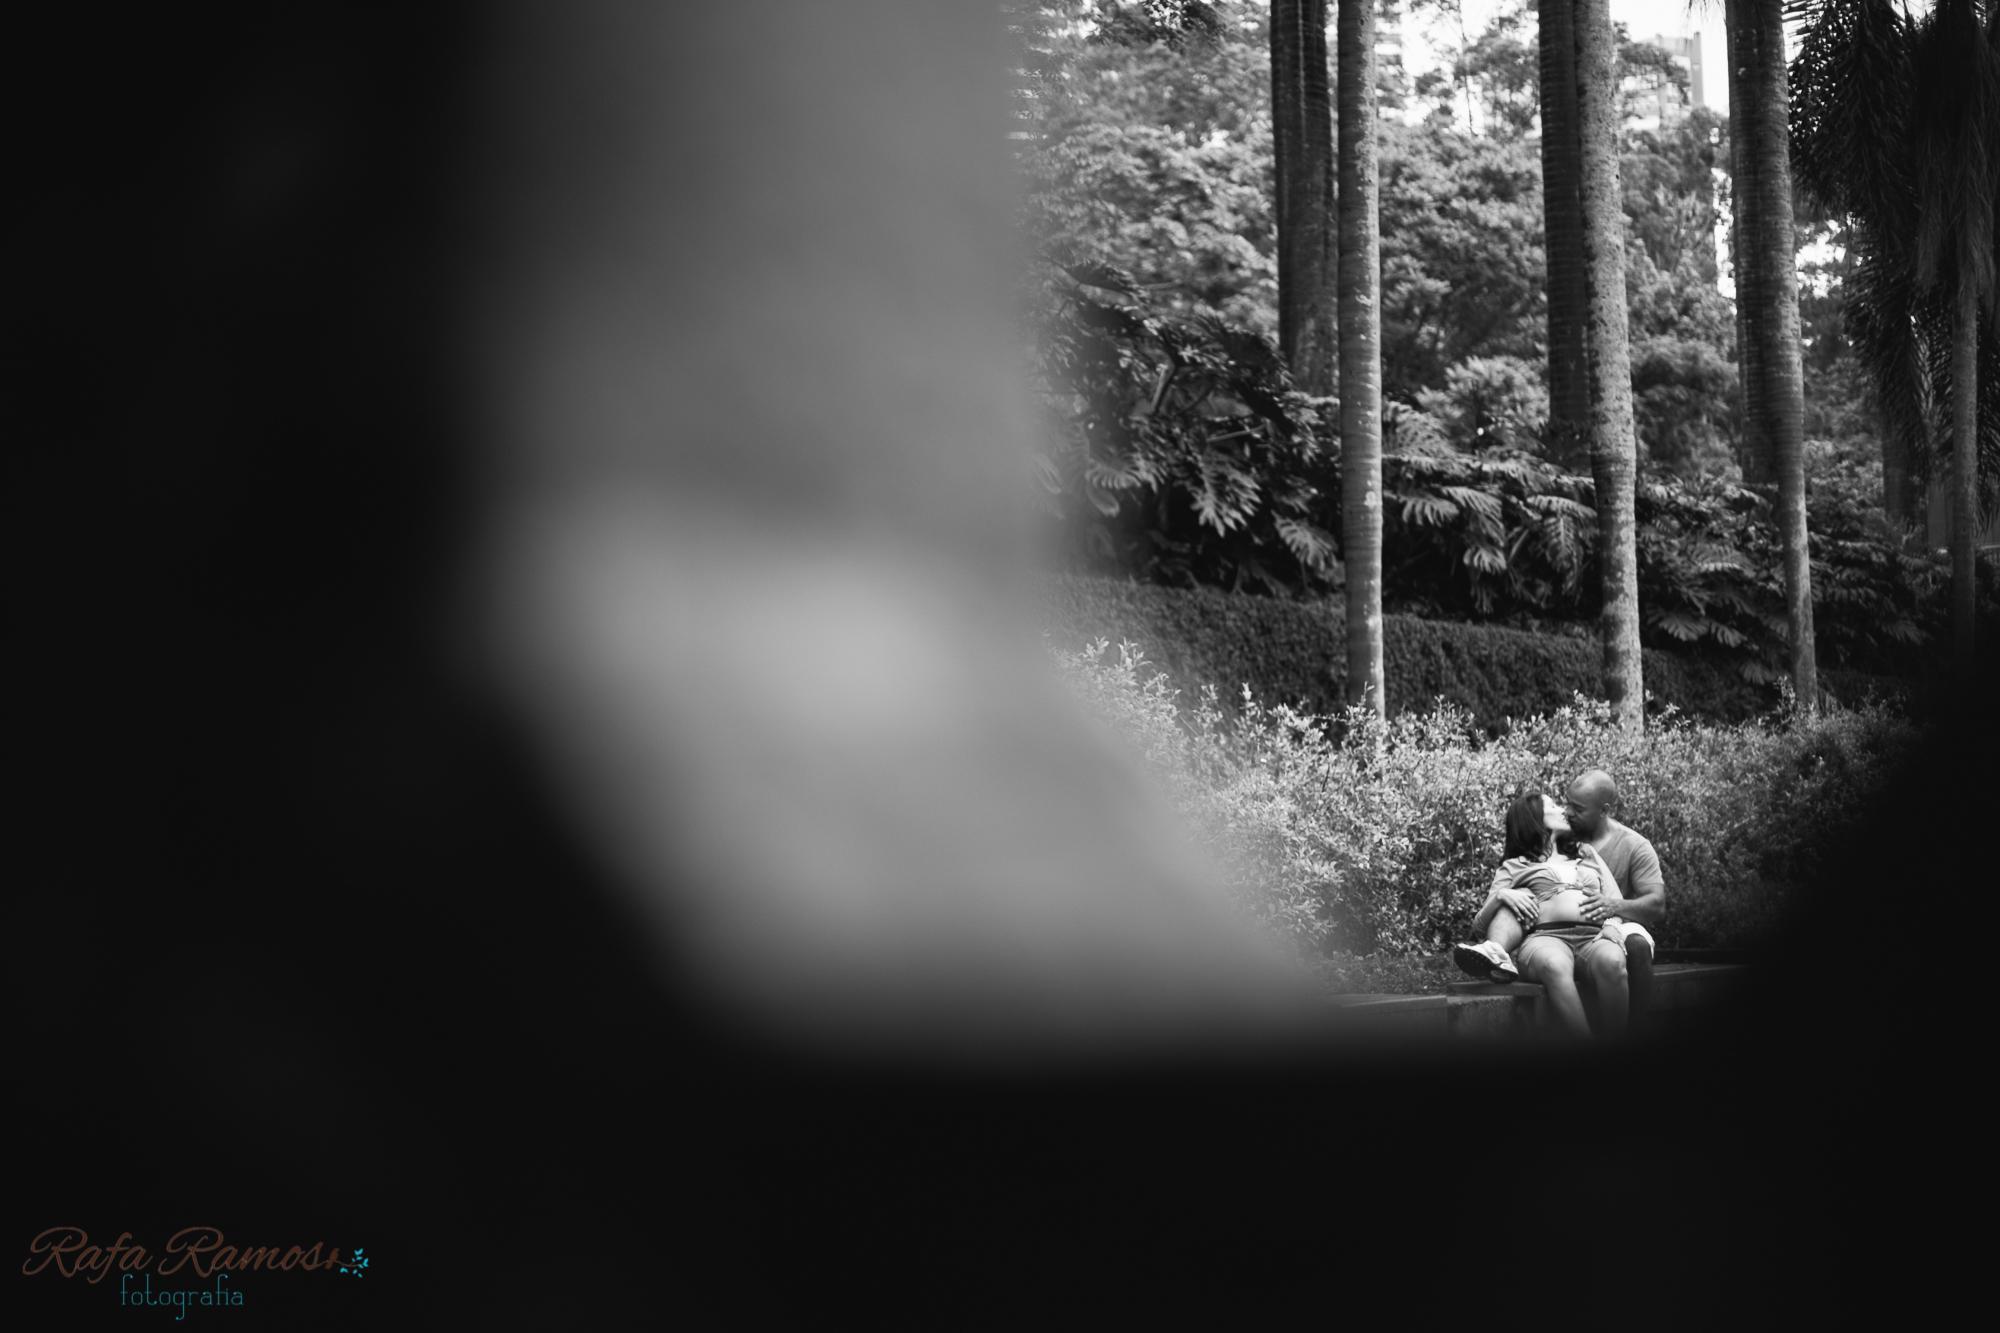 ensaio gestante, ensaio grávida, São paulo, SP, ensaio, bebê, nenem, fotografo, família, ensaio de família, fotografia de família, mãe, pai, fotografia de gravidas, fotografia criativa, fotografia de gestante, fotografia de grávida, book de grávida, book de gestante, ensaio fotografico, ensaio fotografico grávida, ensaio fotografico gestante, blog de fotografia, fotografo Panamby, zona sul, fotografia Pananby sp.